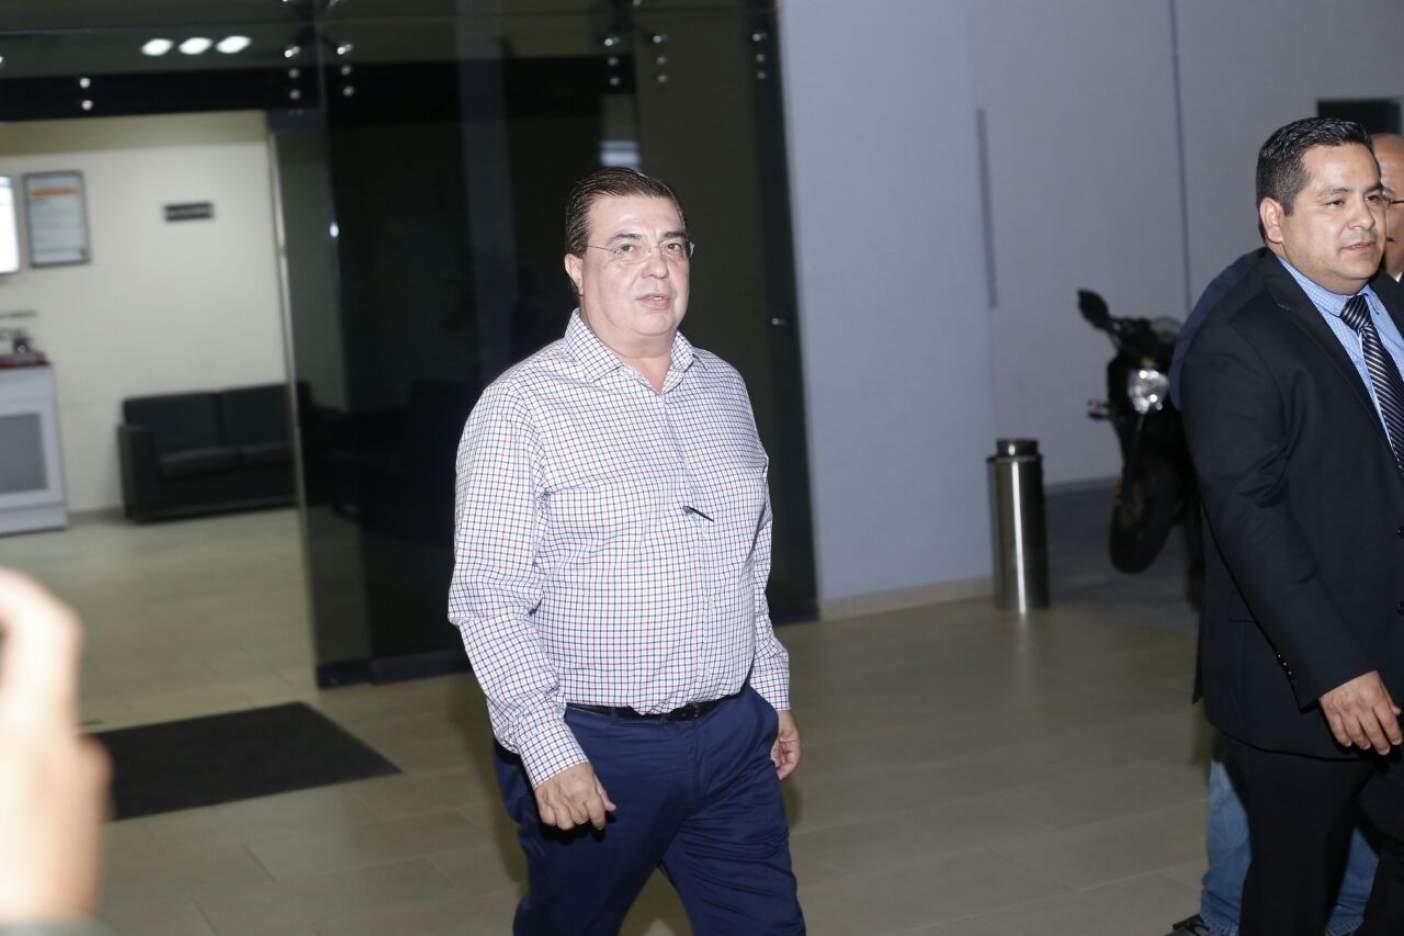 Sancionan a Ernesto Echeverría por casi $500 millones y 8 años inhabilitado